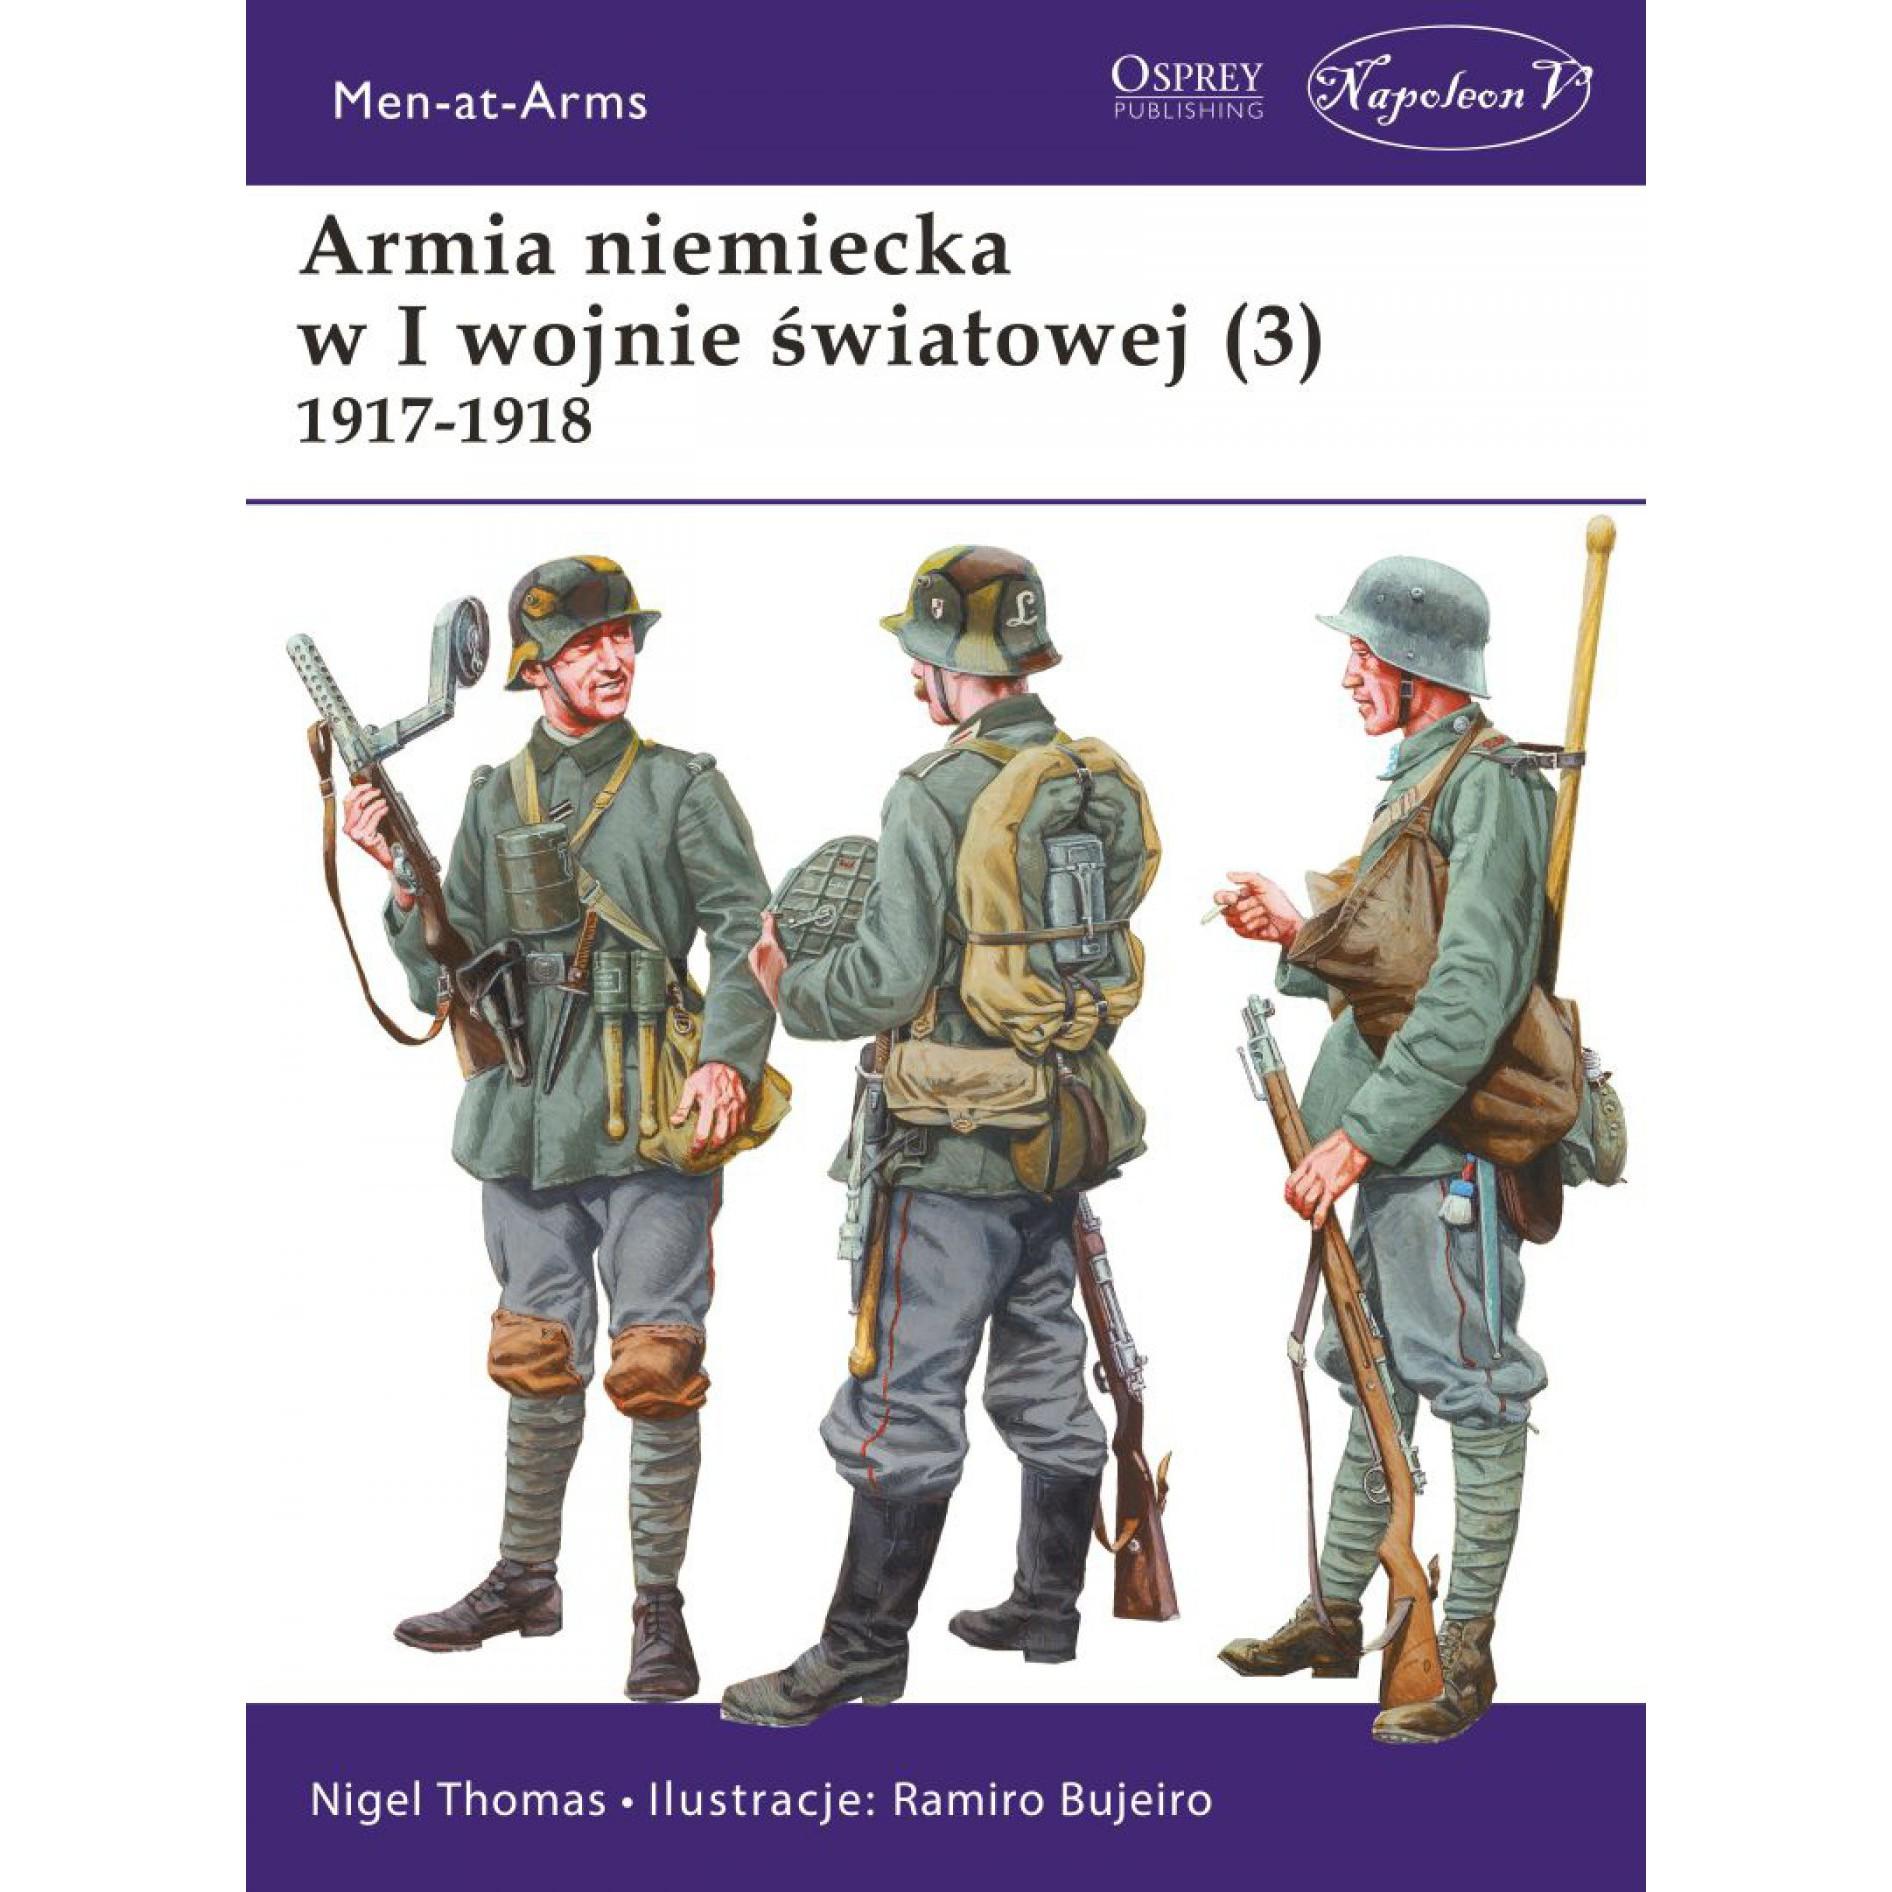 Armia niemiecka w I wojnie światowej (3) 1917-1918